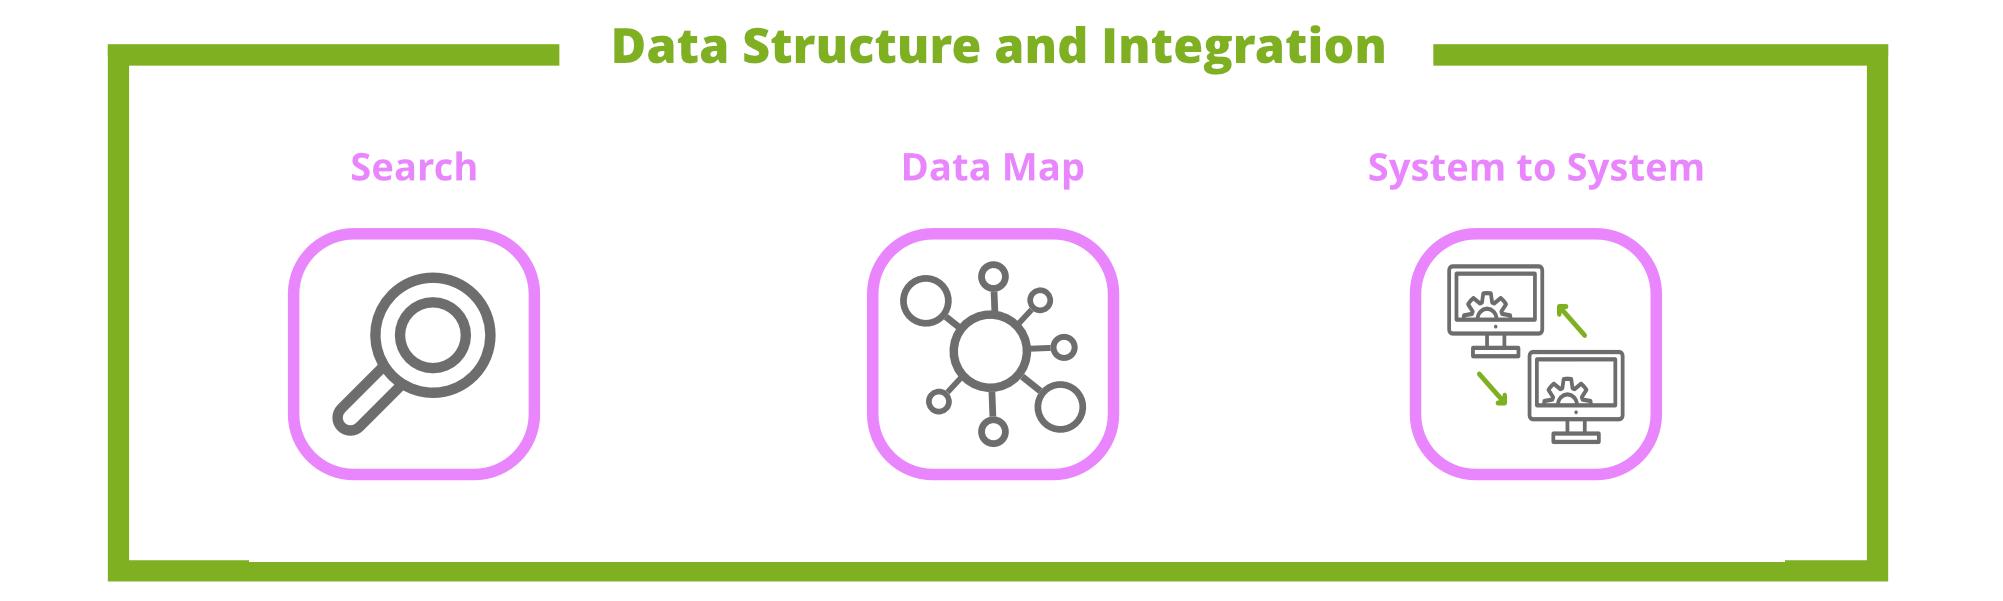 DataStructure_LAndscape.png